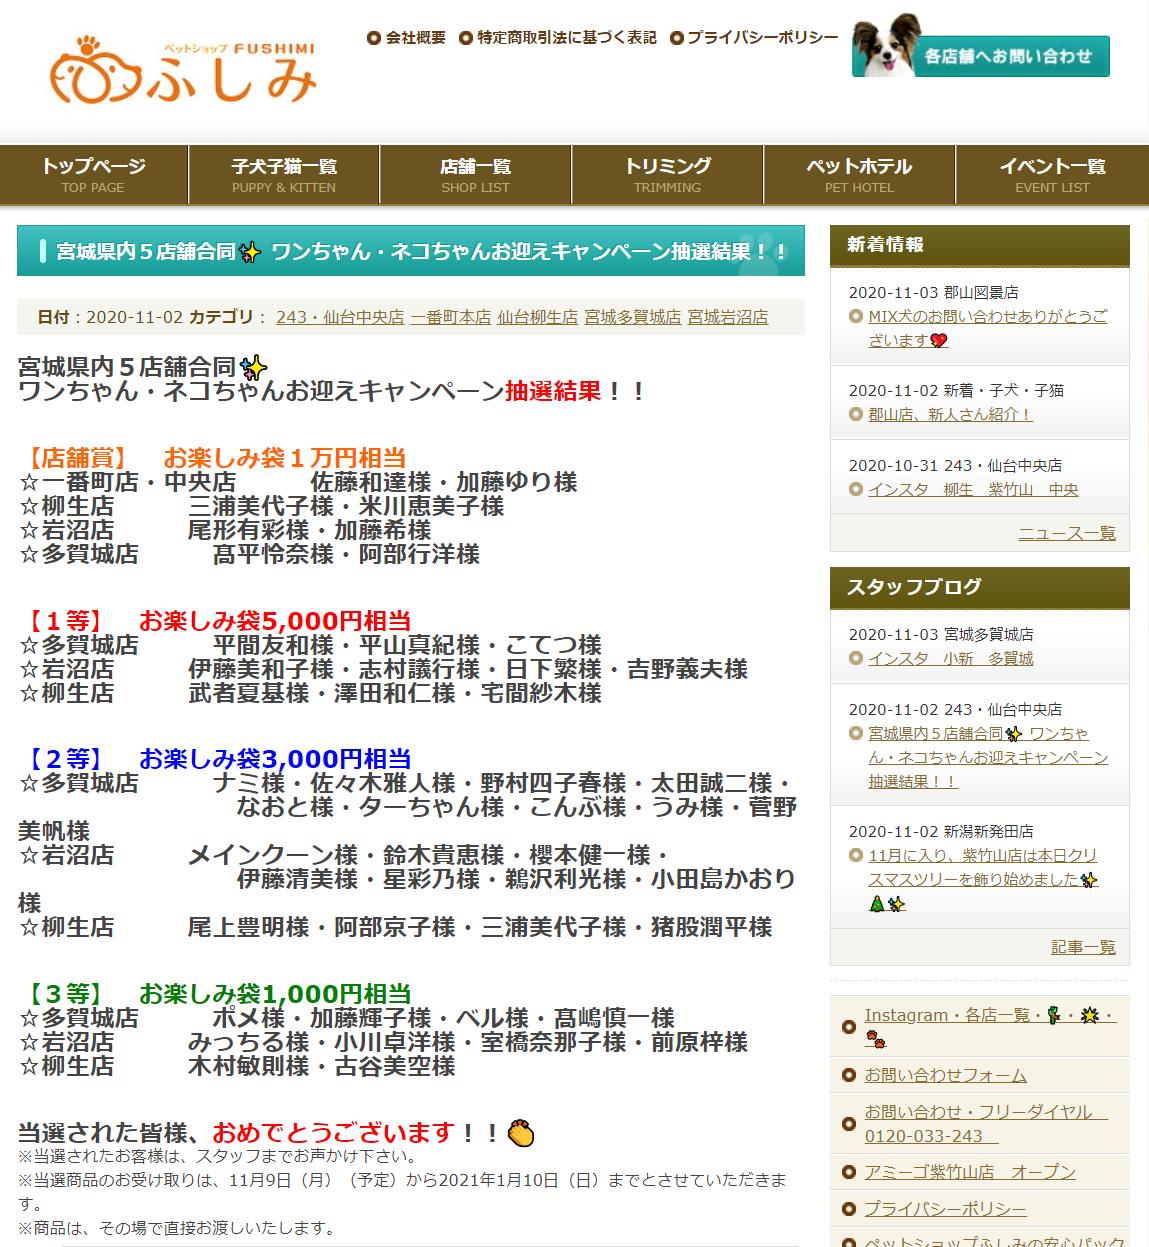 家族になろうよ!宮城県内5店舗合同・第23弾お迎えキャンペーン・結果発表